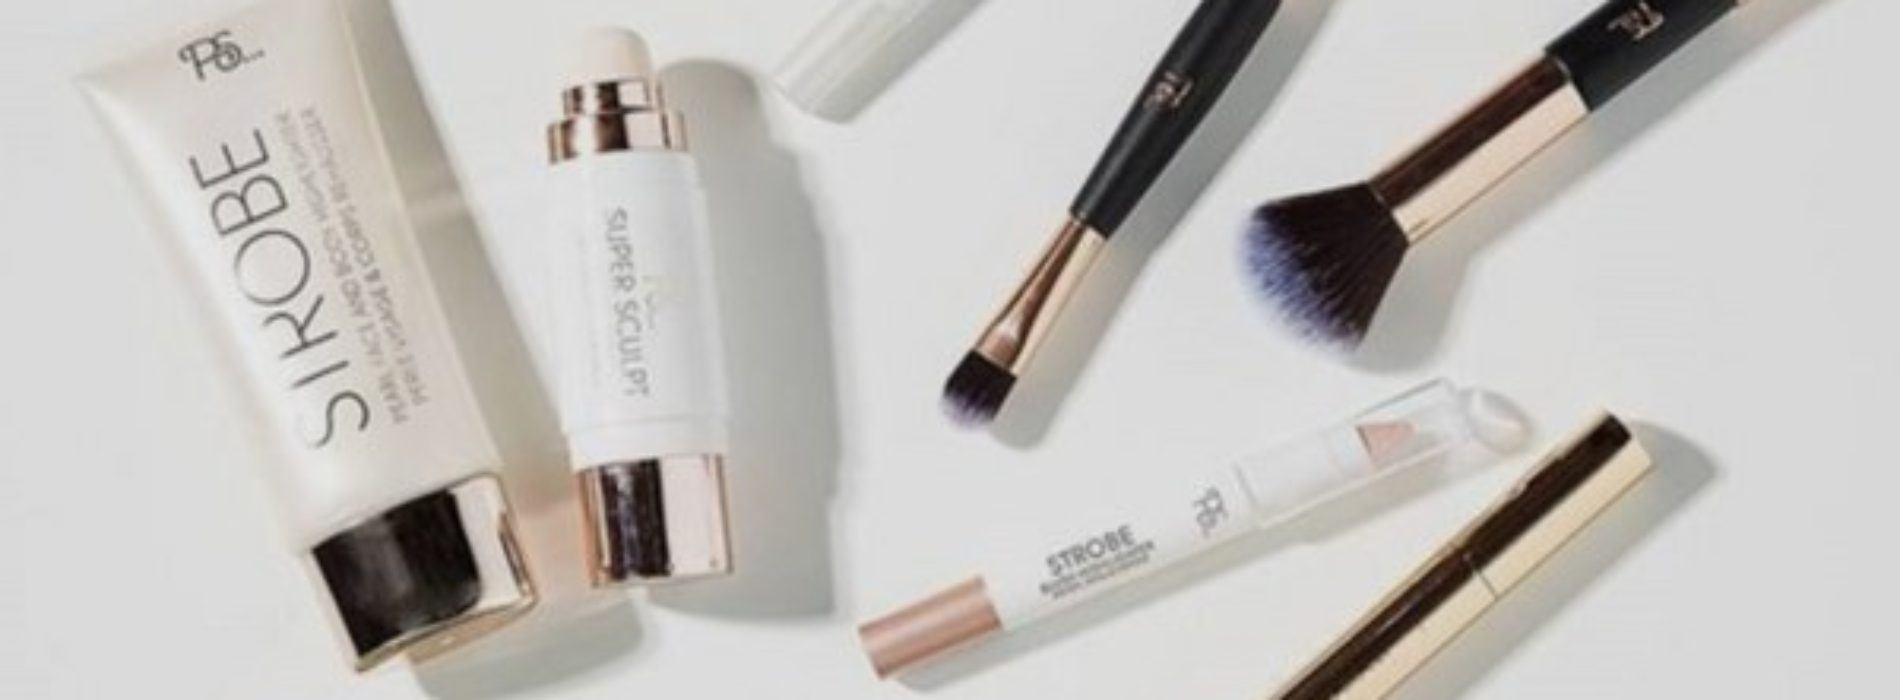 Primark presenta su nueva línea de cosméticos